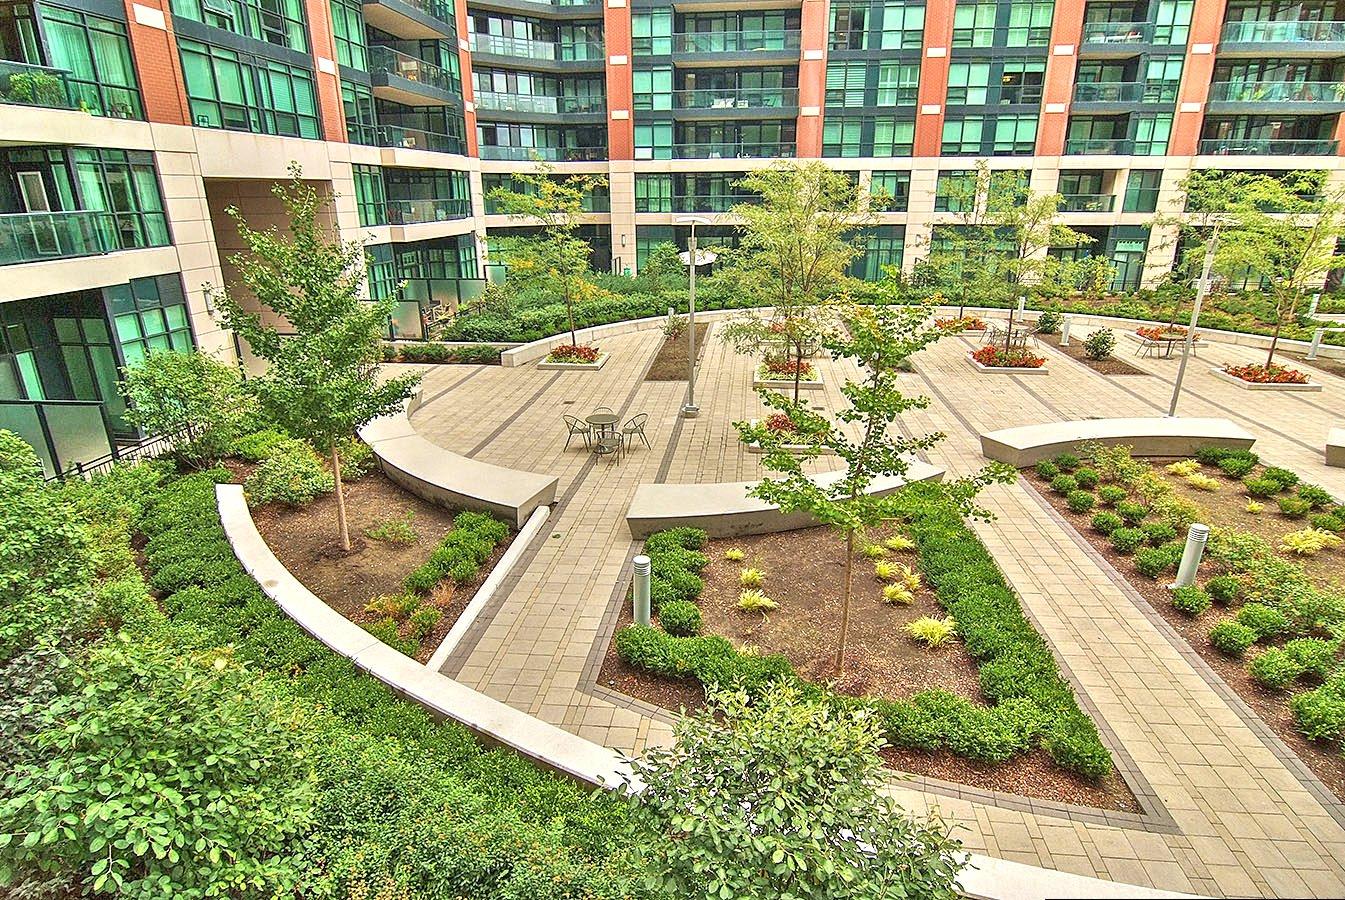 Gramercy Park courtyard gardens